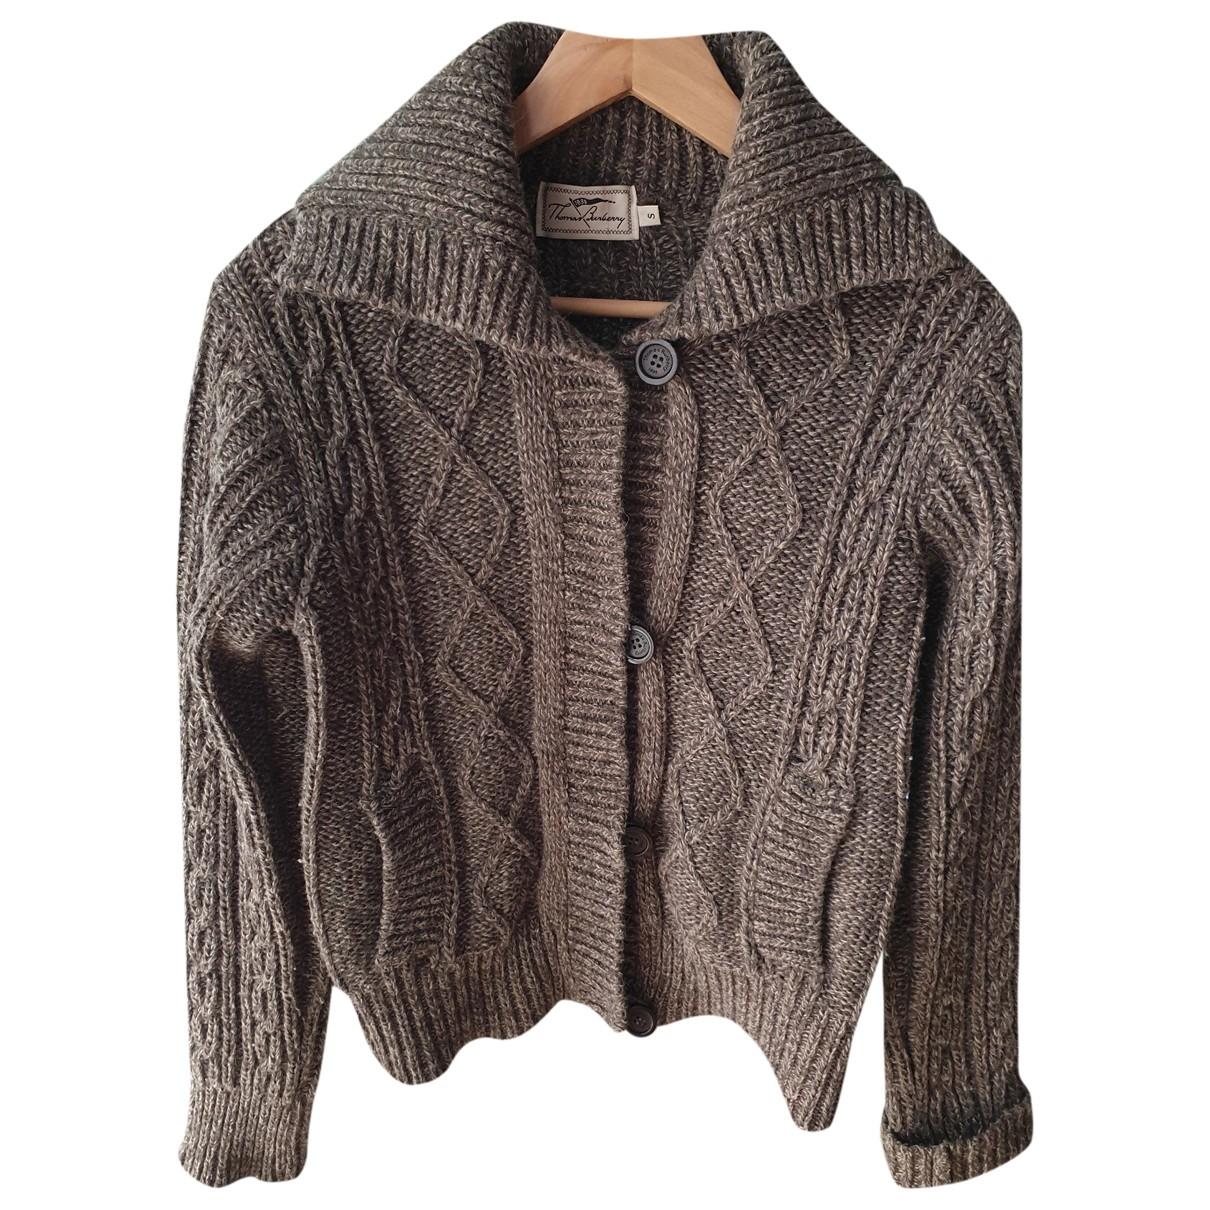 Burberry - Pull   pour femme en laine - marron